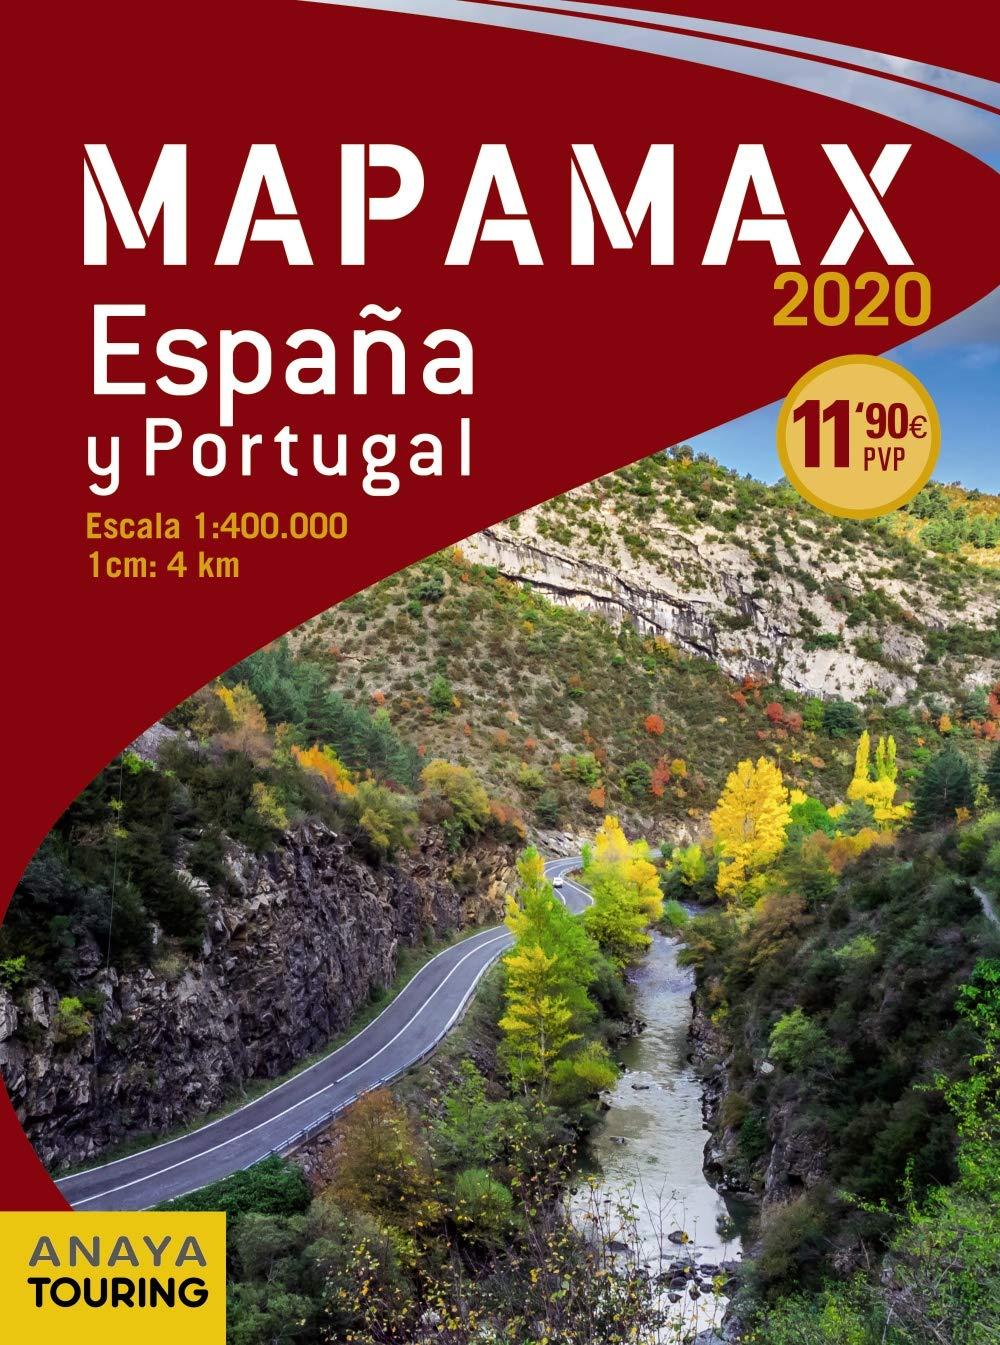 Mapamax - 2020 (Mapa Touring): Amazon.es: Anaya Touring: Libros